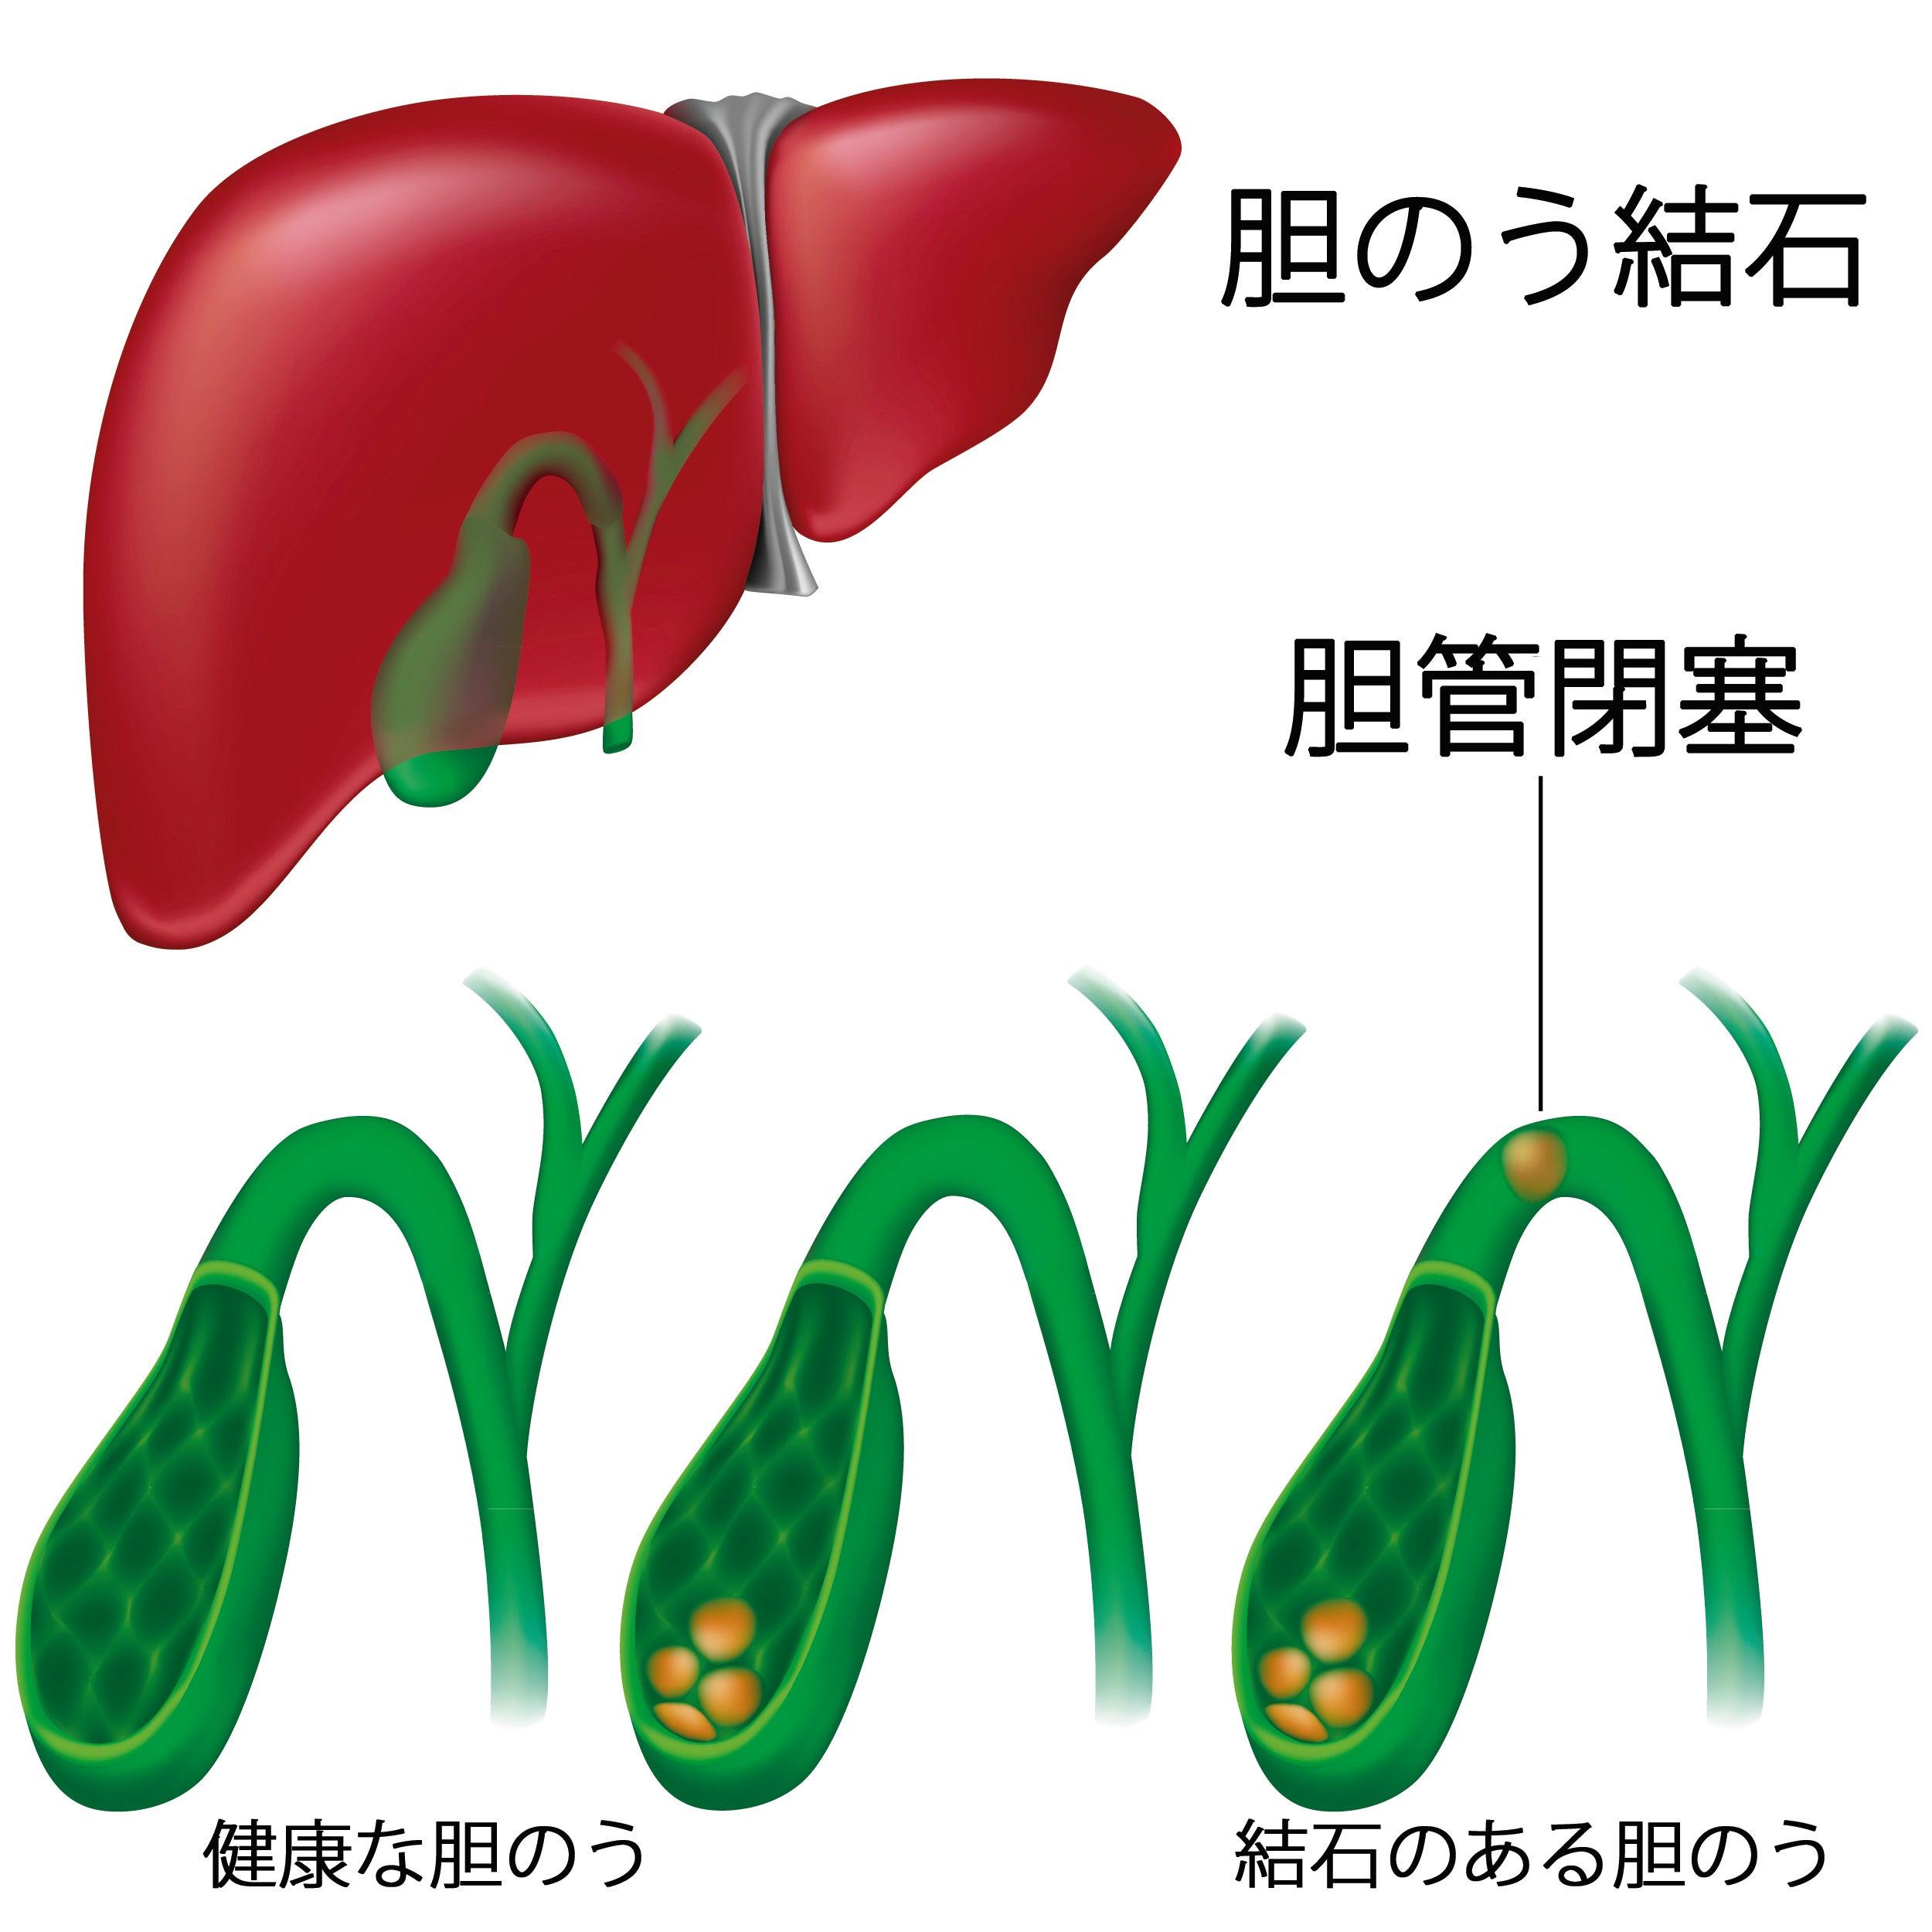 胆嚢結石の症状